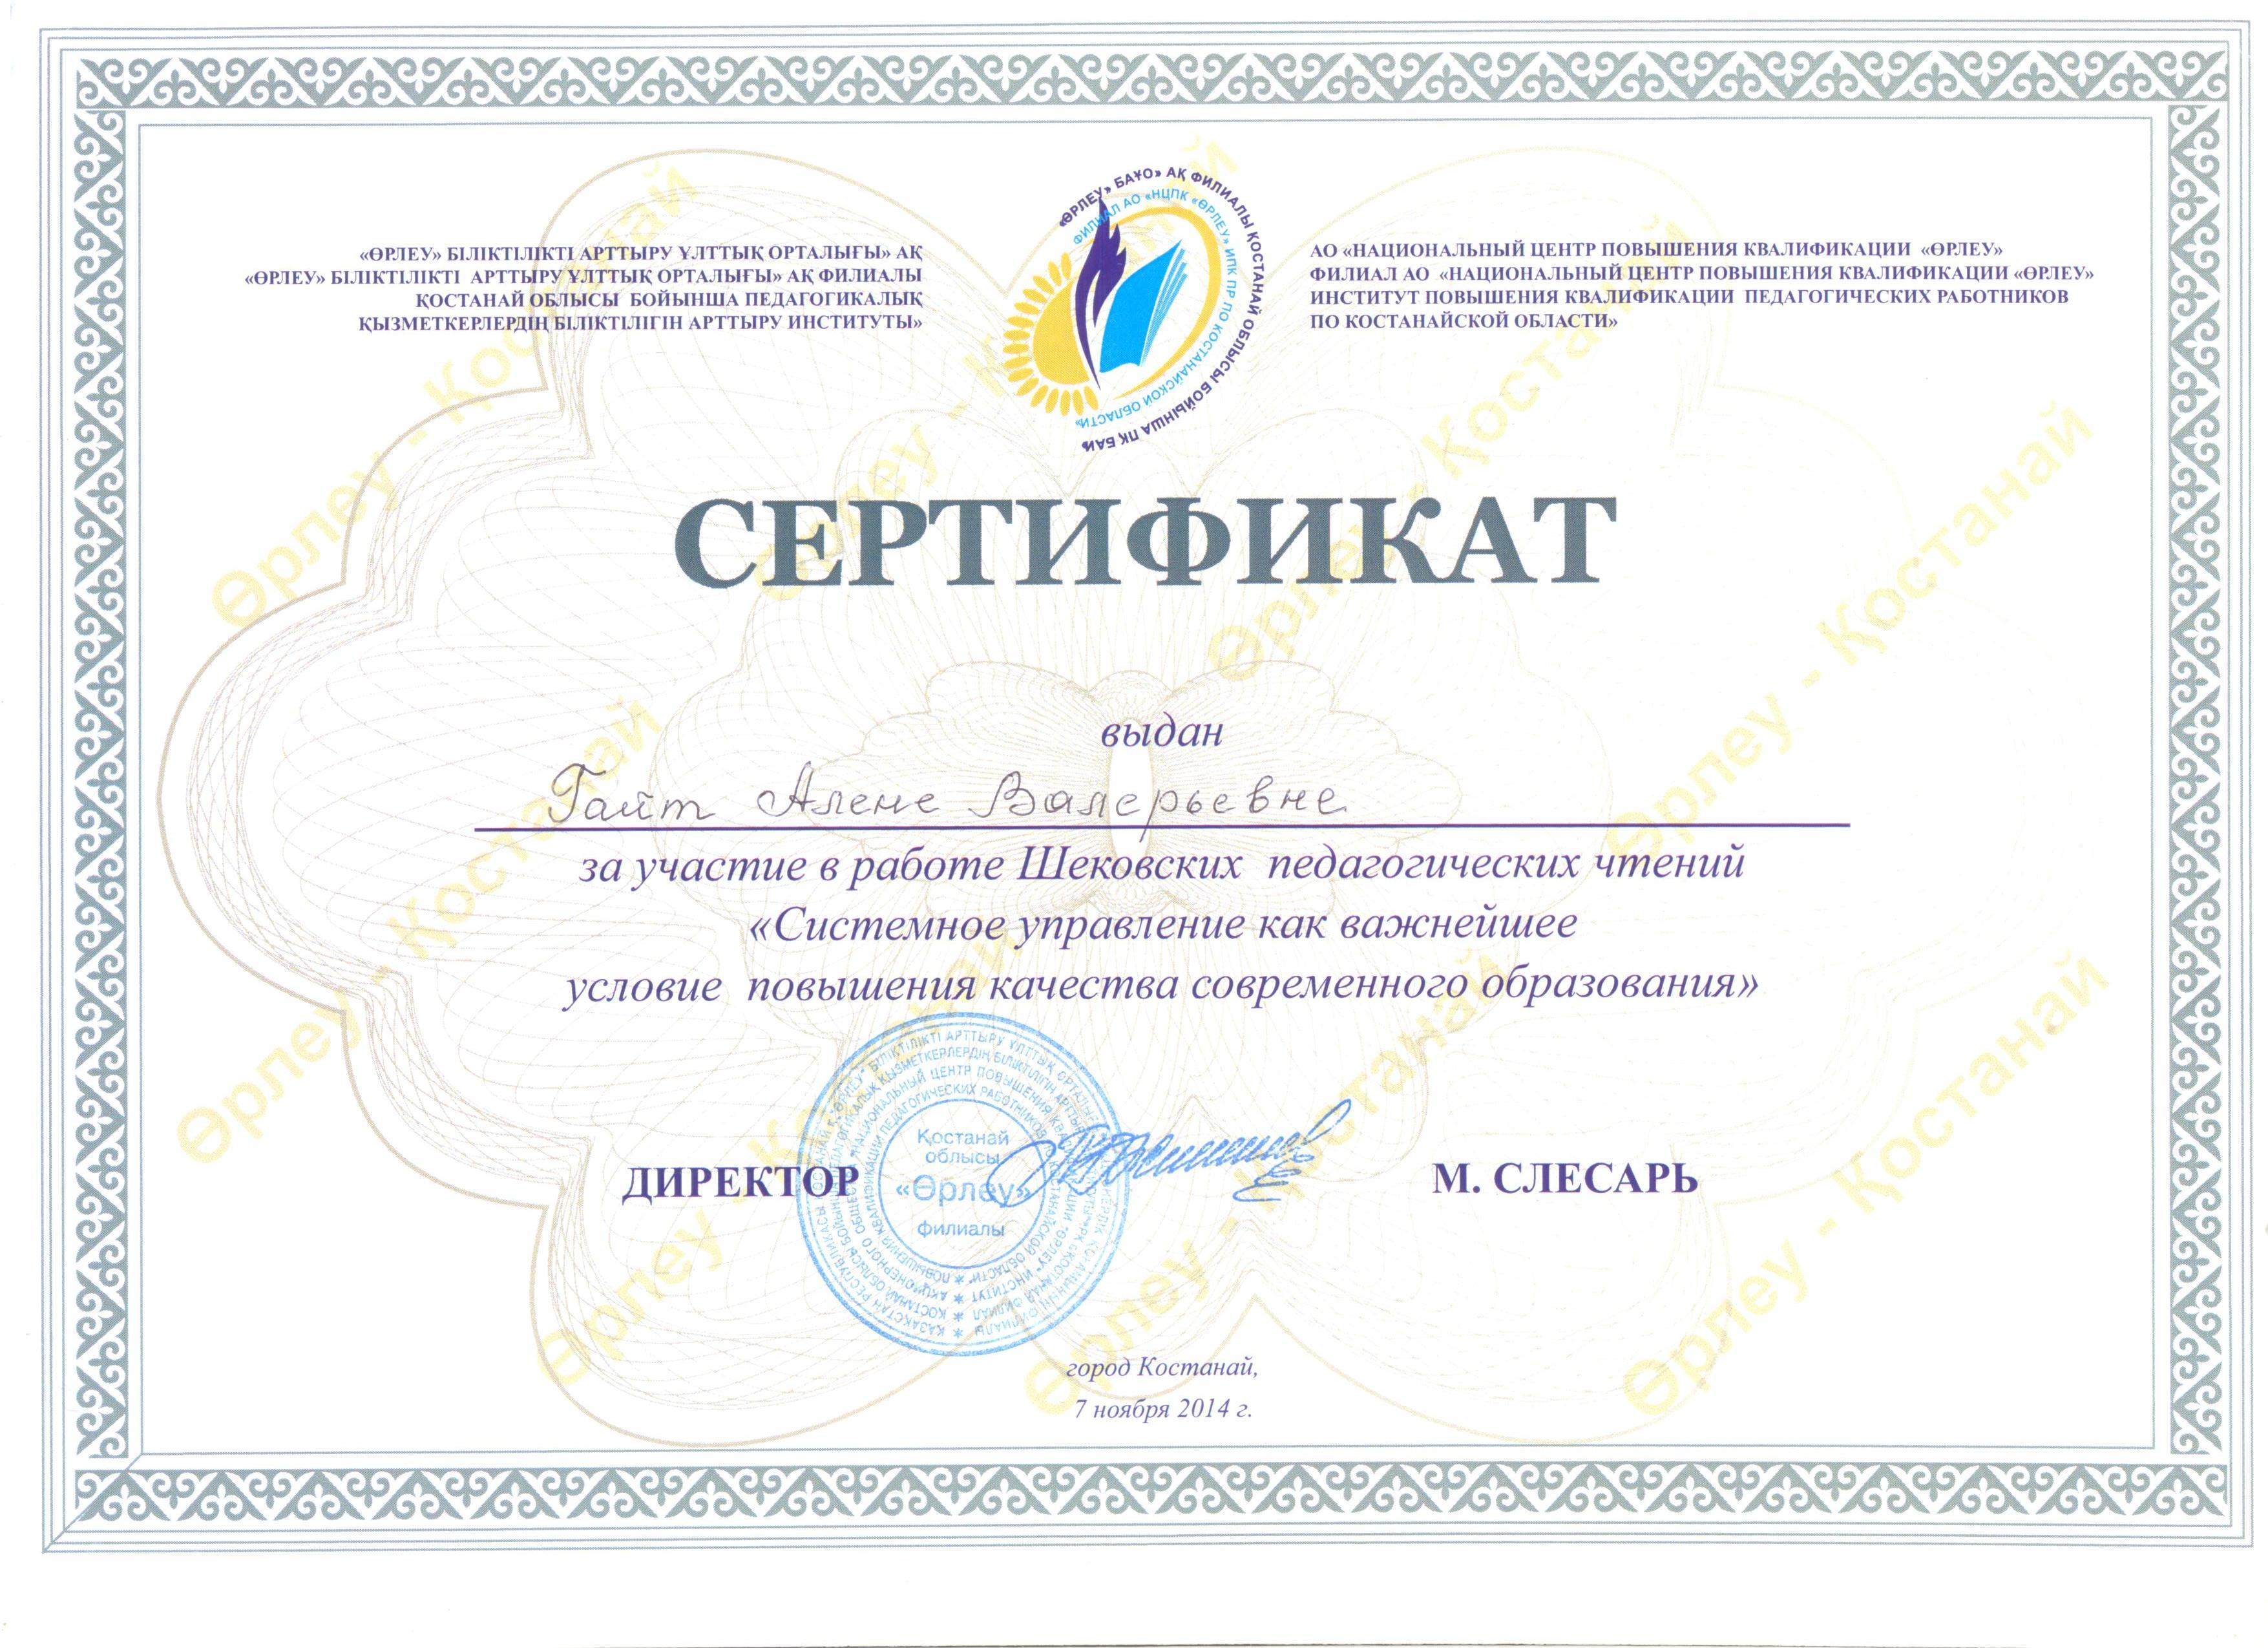 Обложка для диплома где купить в волгограде  быстро сертификат профессионального бухгалтера атырау и самое главное среди факторов препятствующих получения обложка для диплома где купить в